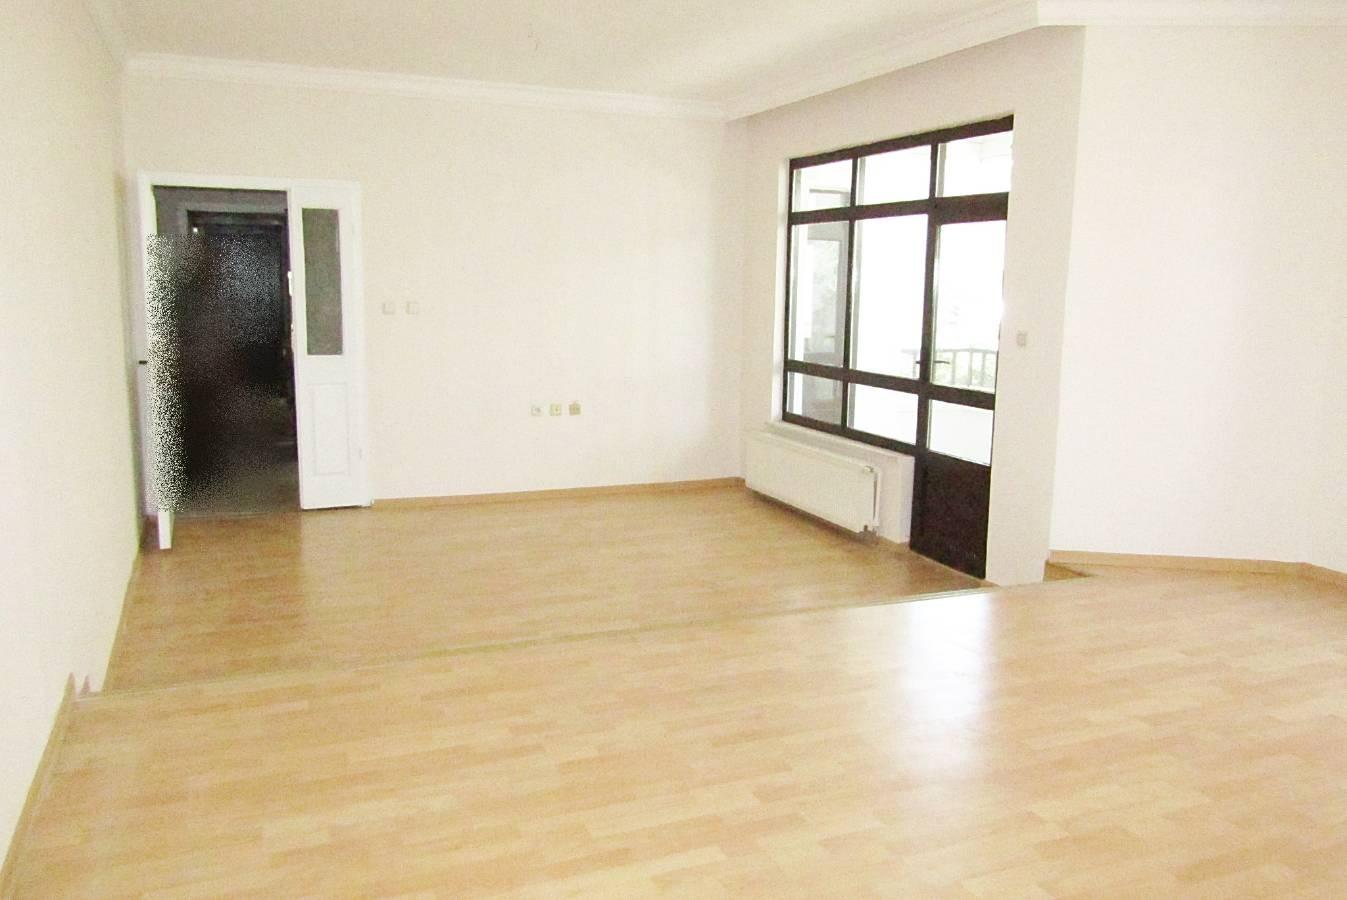 SR EMLAK'TAN İSTASYON MAH'DE 4+1 165 m²  SİTEDE ASANSÖRLÜ ÖN CEPHE DAİRE